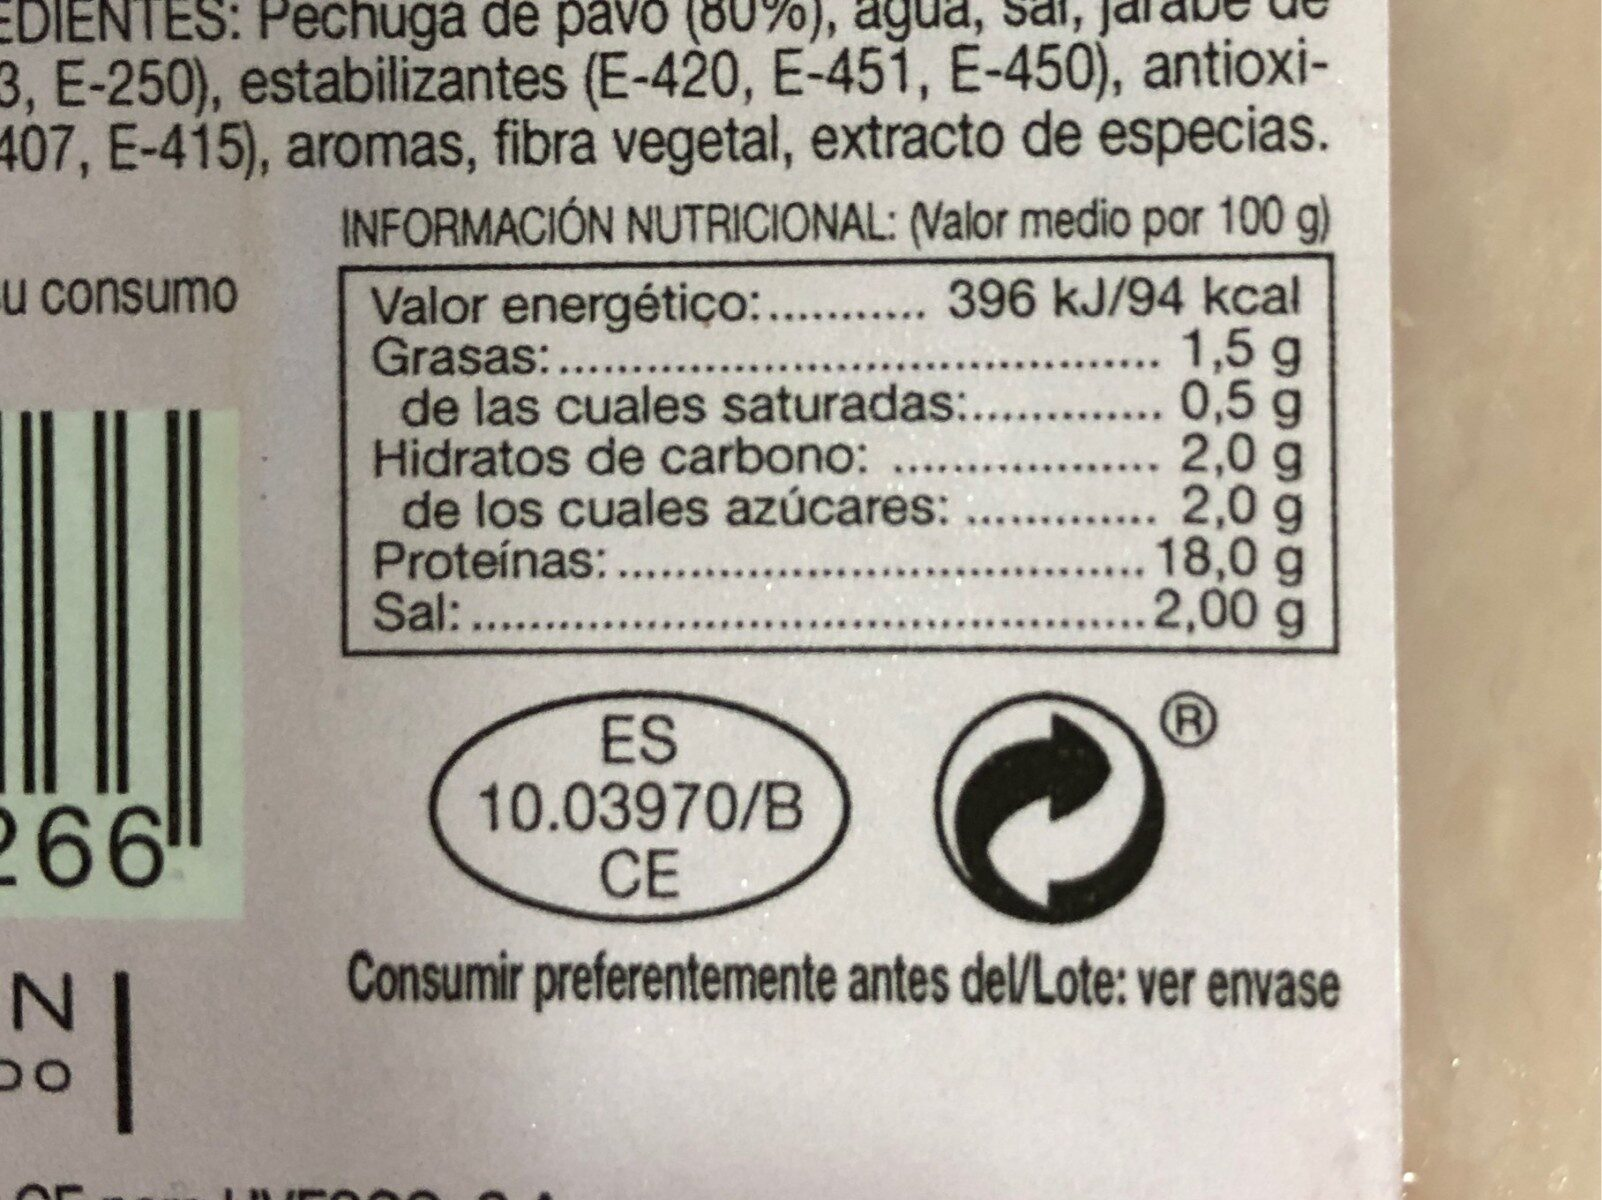 Pechuga de pavo en lonchas - Información nutricional - es